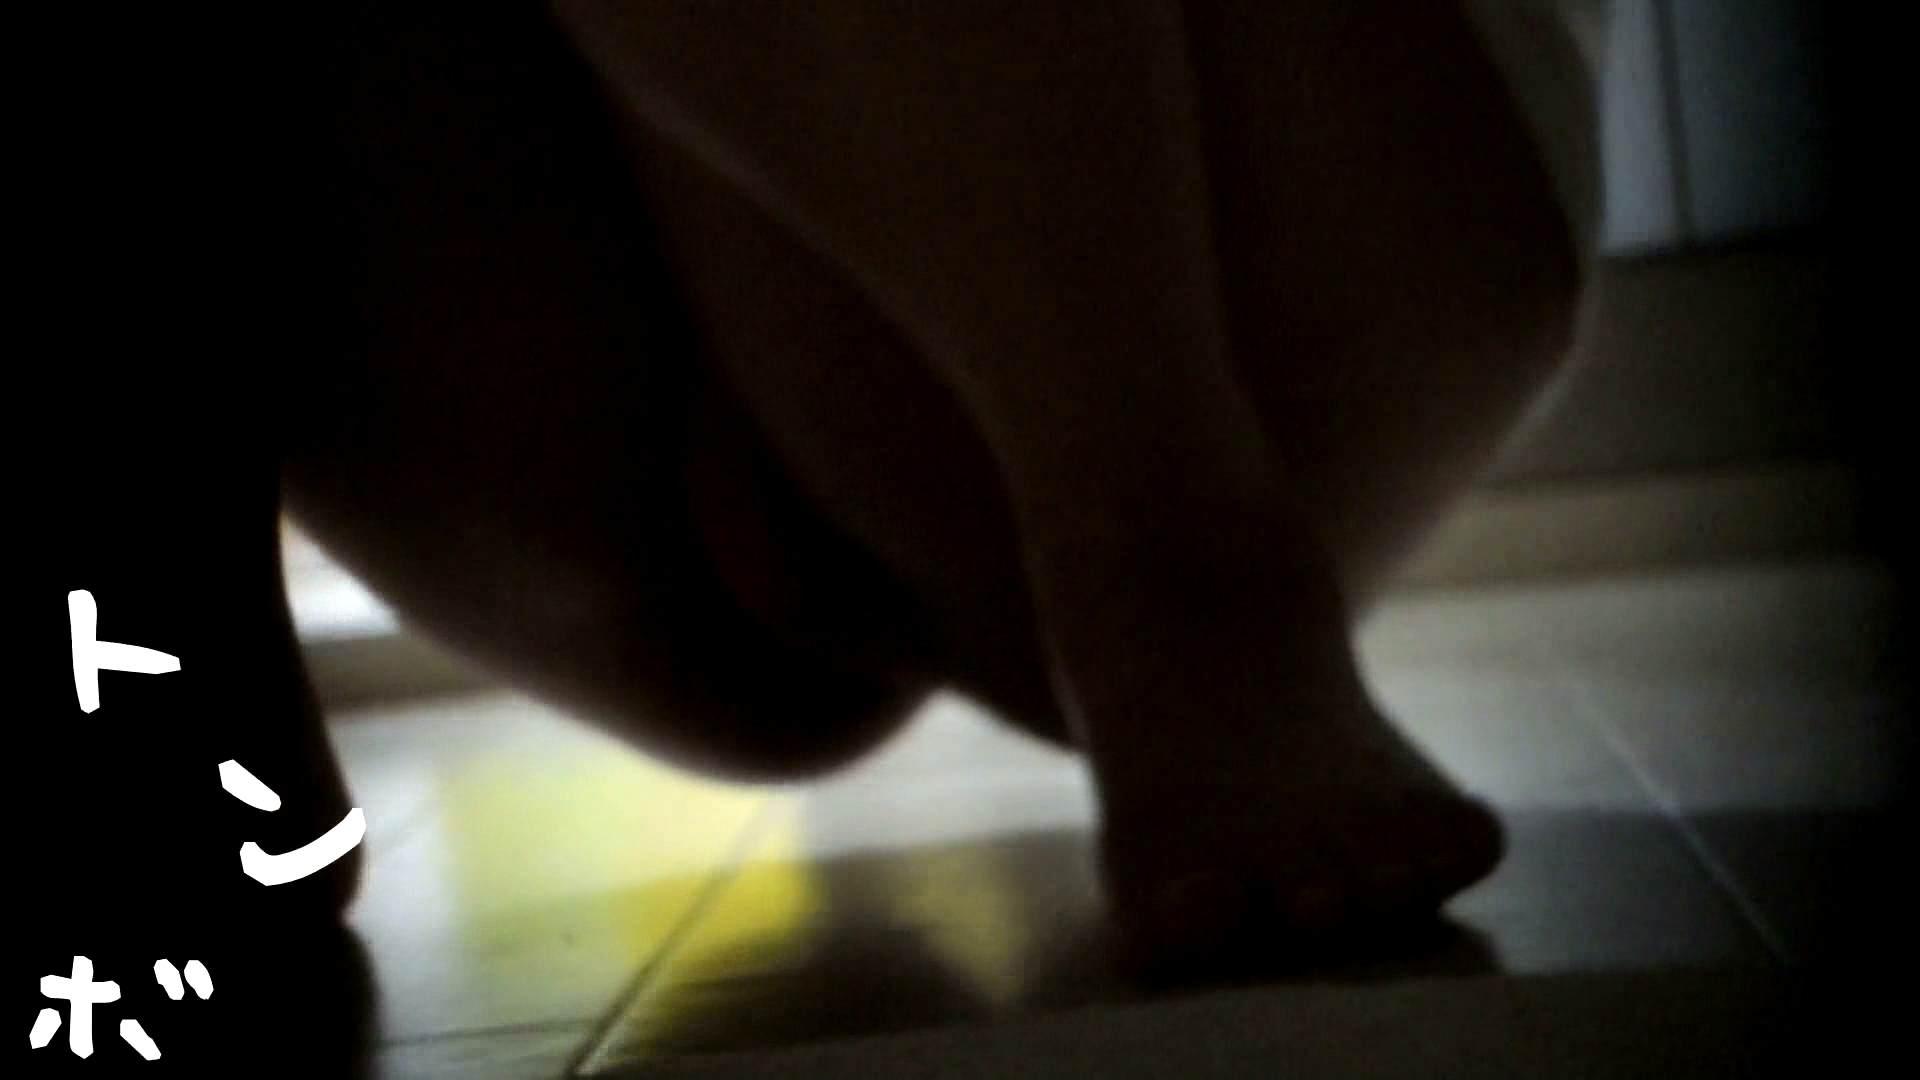 リアル盗撮 清楚なお女市さんのマル秘私生活① 洗面所のぞき  79枚 44